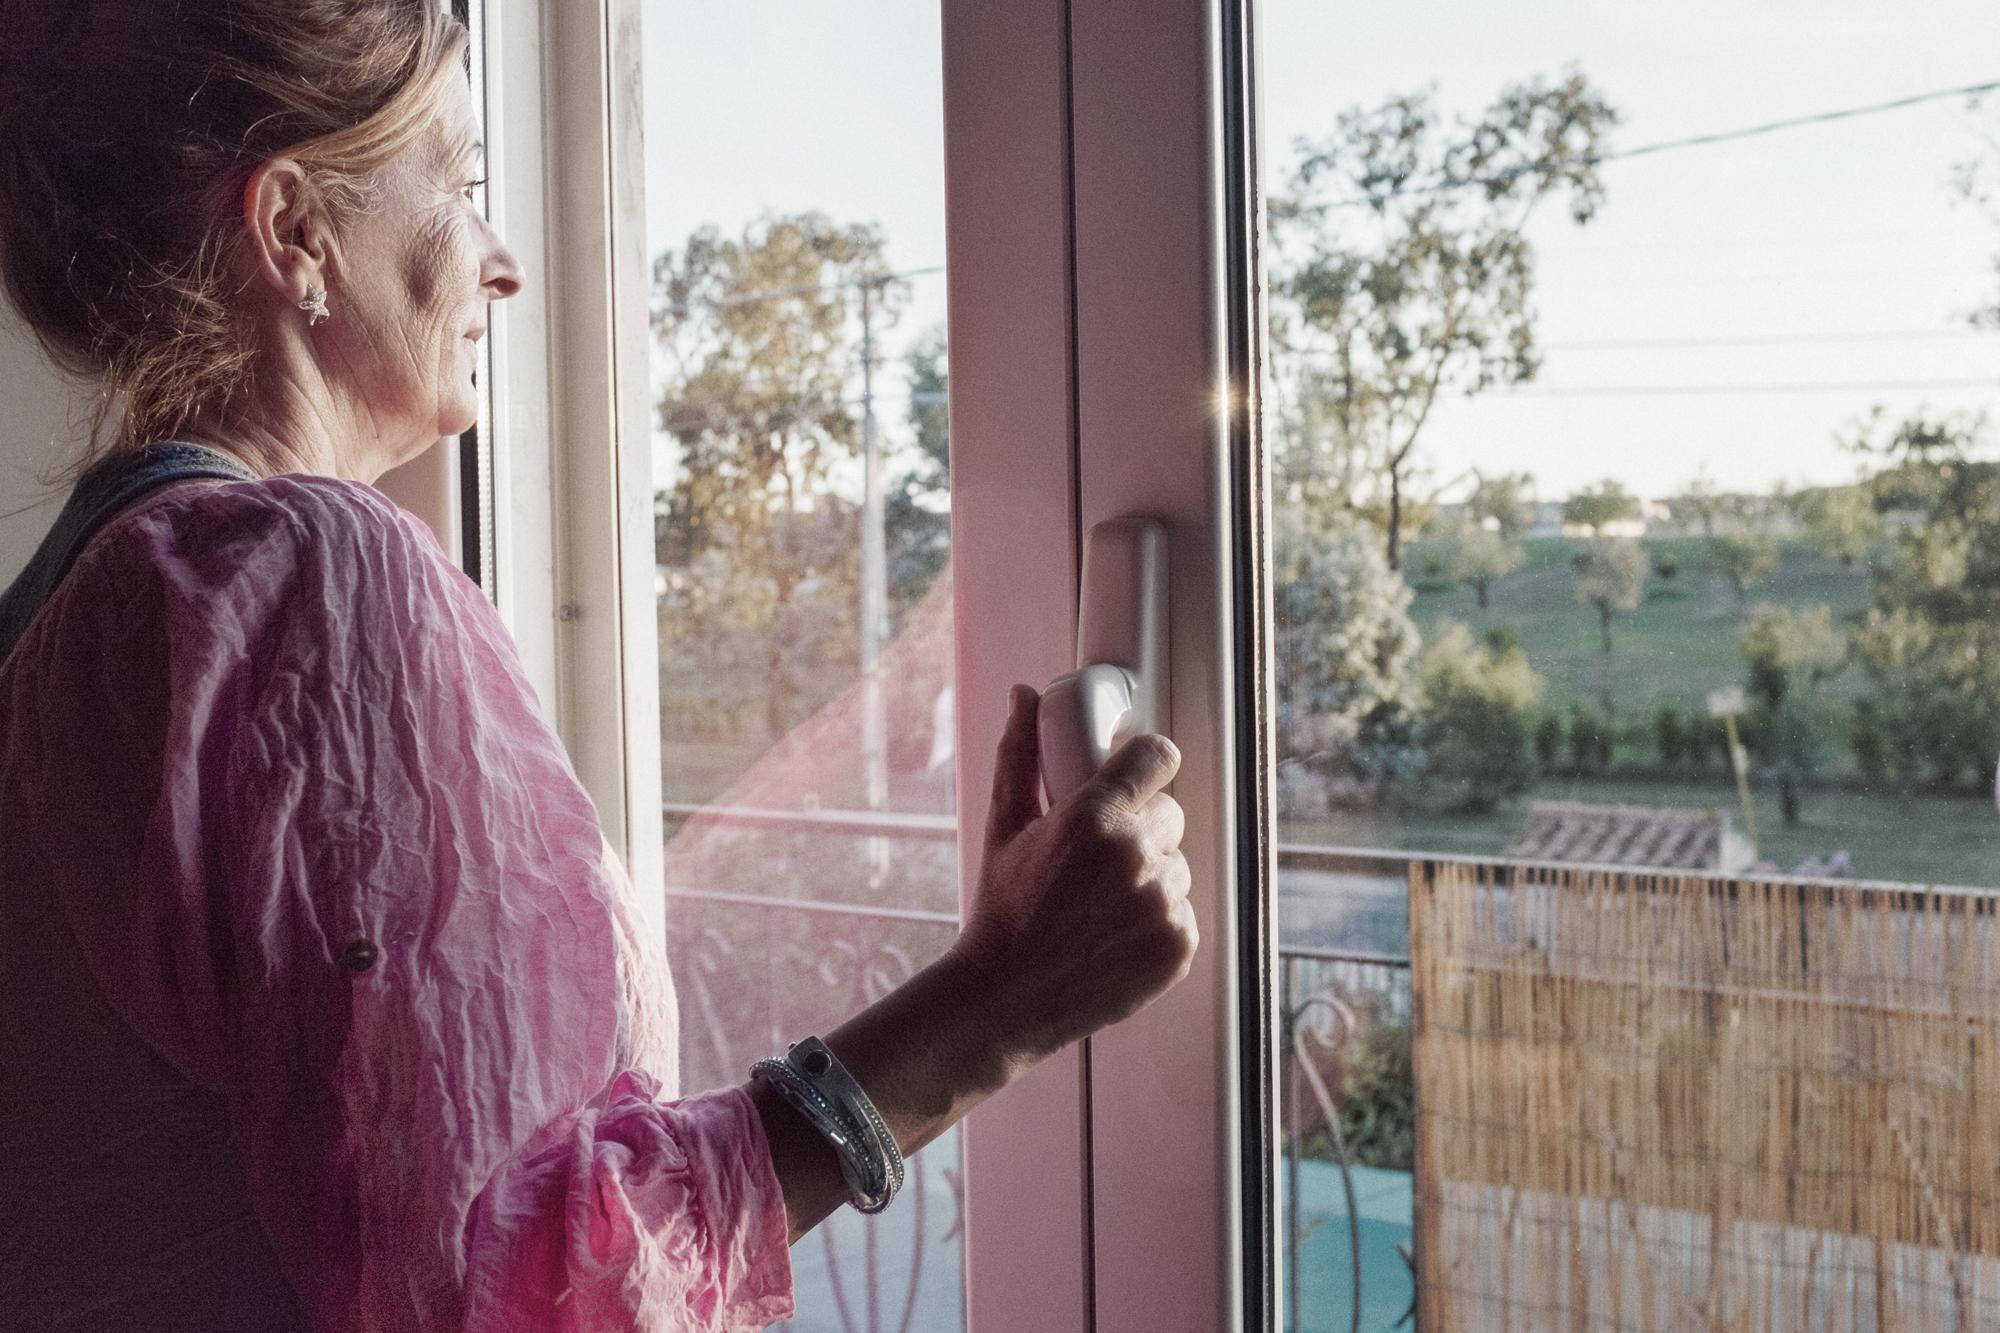 Carla Piovesan, 56 anni, nella sua abitazione di fronte alla discarica di Borgo Montello (LT), 2015.  Carla abita qui da quando è nata ed è sempre costretta a serrare tutte le finestre per bloccare i miasmi causati dalla discarica. Il bacino di raccolta rifiuti dista solo 150 metri dalla sua abitazione, invece dei 700 metri imposti dalla Delibera Consiglio Regionale n°112 del 10 luglio 2002. Il padre era uno degli emigrati veneti degli anni Trenta ed è morto di tumore nel 2009, come tanti altri residenti della zona. Carla ancora ricorda come, negli anni di mala gestione dell'impianto, il padre pulisse la strada nei pressi del loro cancello dai cumuli di percolato rilasciati dai camion diretti alla discarica.